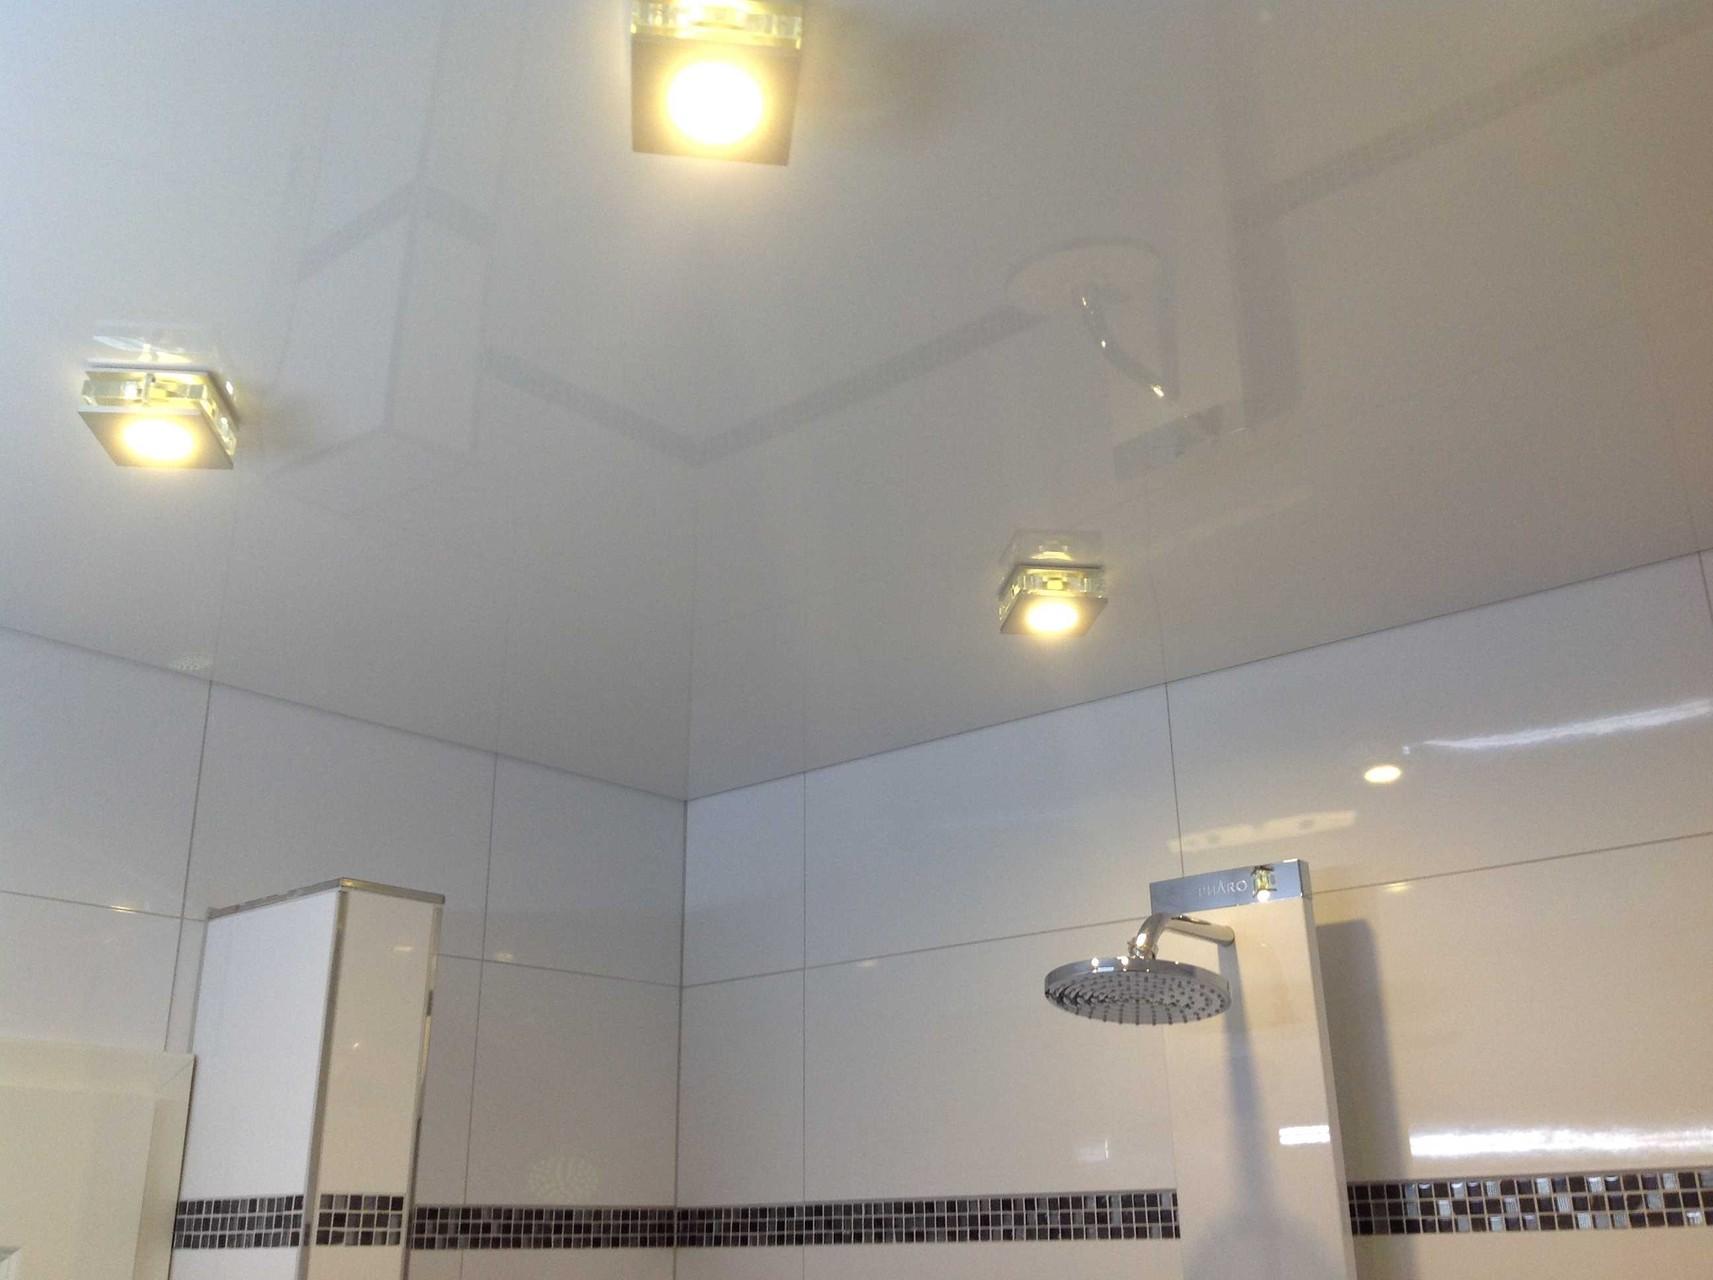 Spanndecke weiß glänzend Duschbad Dortmund